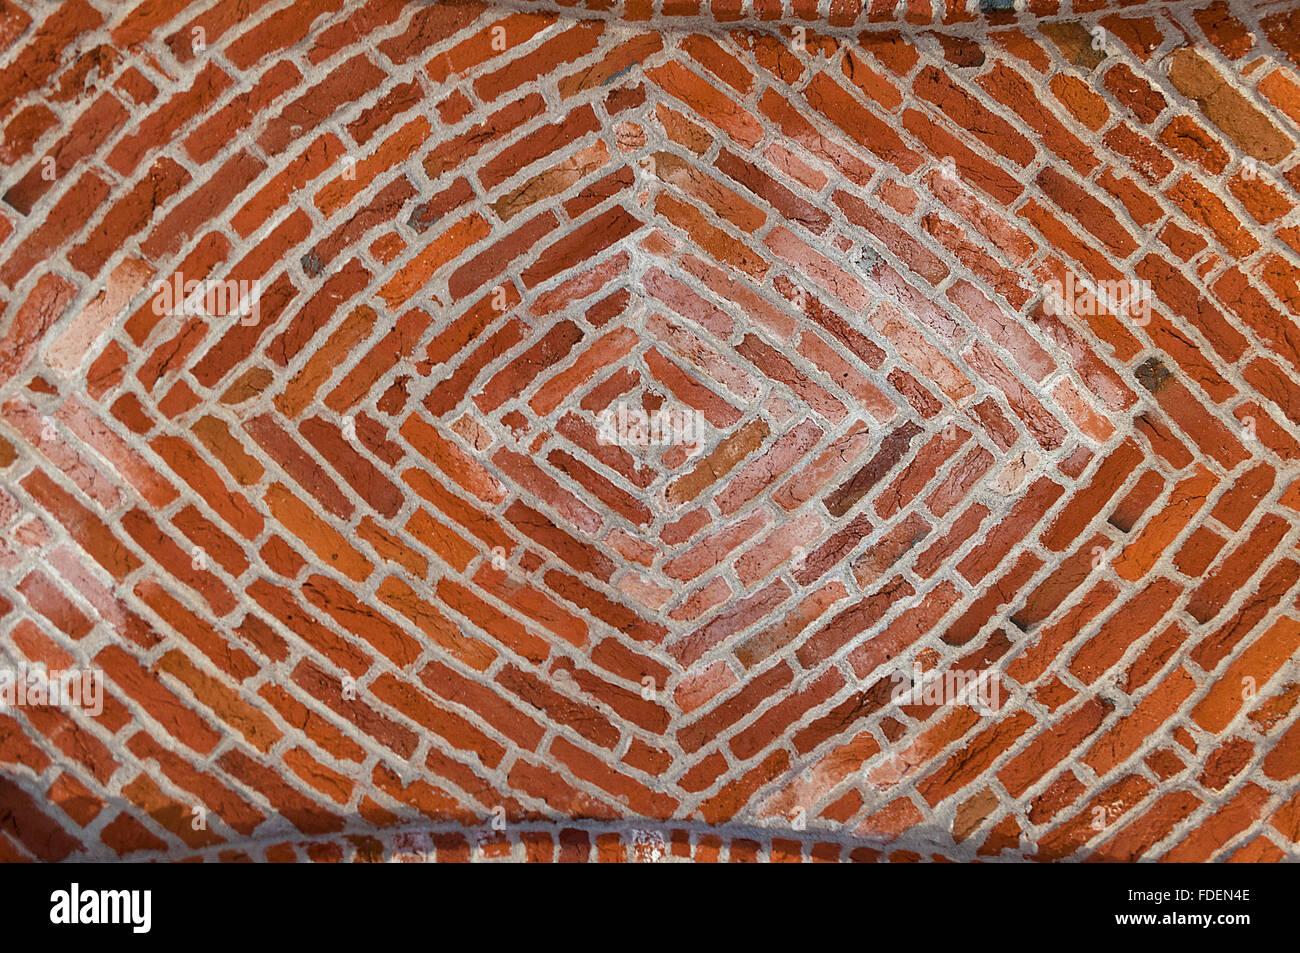 Fußboden Aus Backsteinen ~ Decke aus rotem backstein ziegelsteinmuster ziegel hintergrund